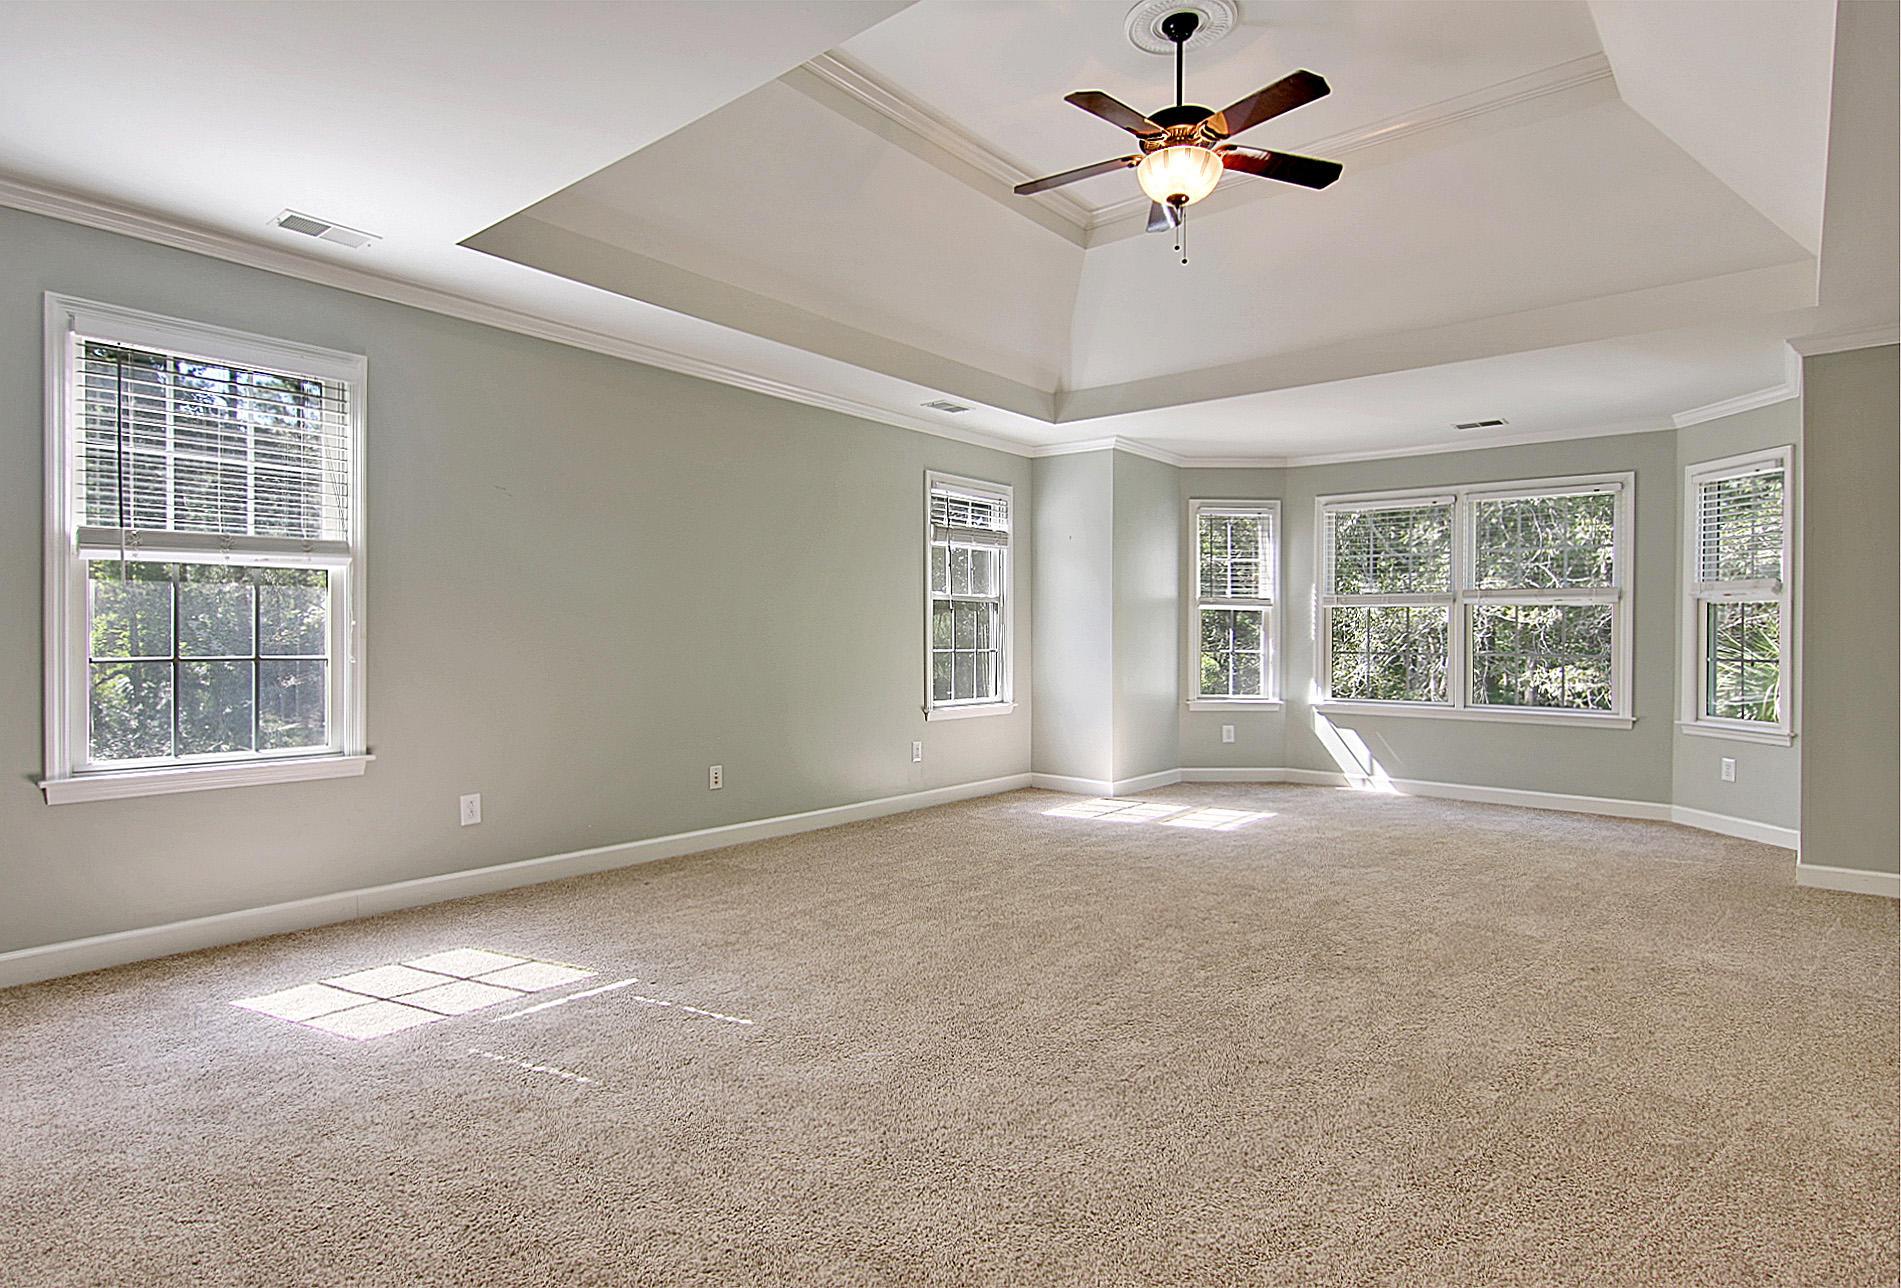 Dunes West Homes For Sale - 2236 Black Oak, Mount Pleasant, SC - 42